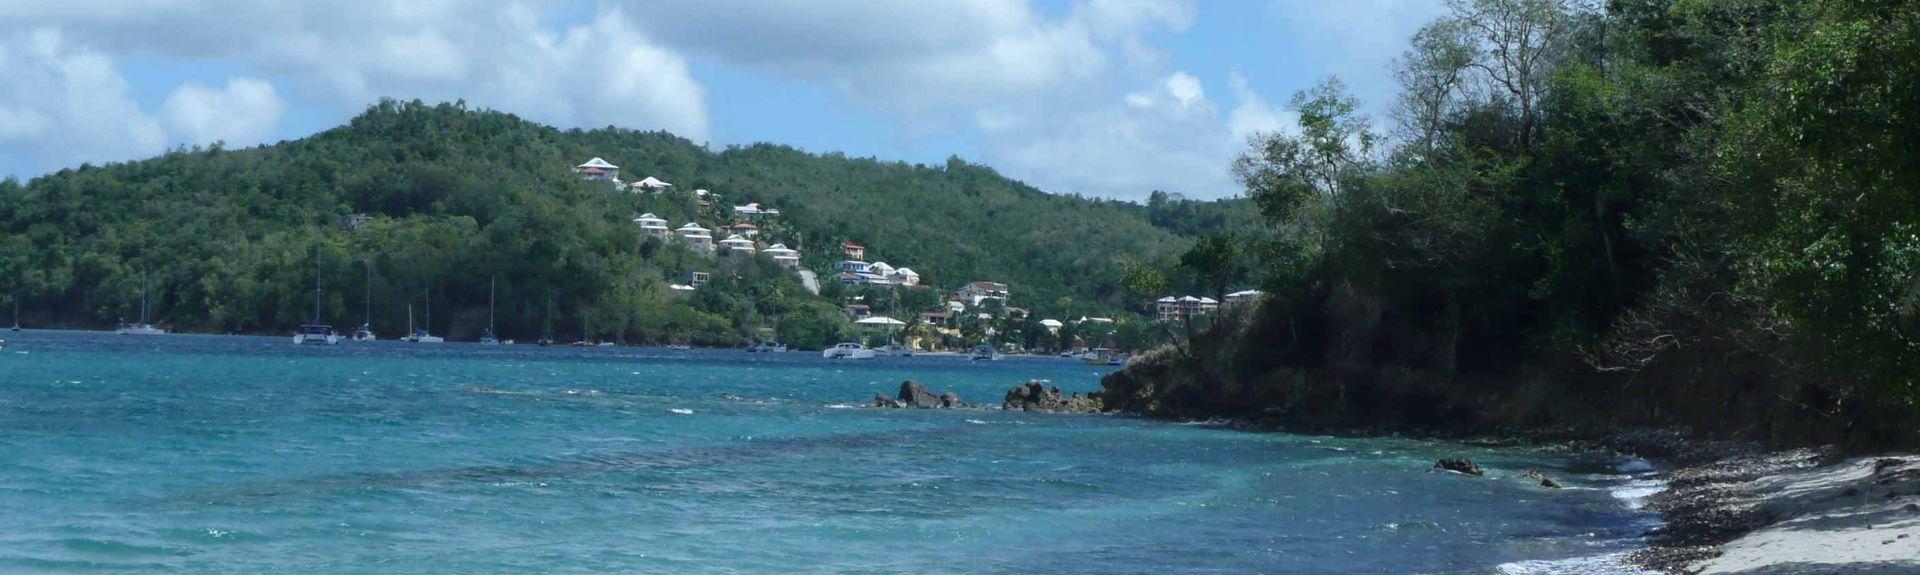 Riviere-Pilote, Martinique